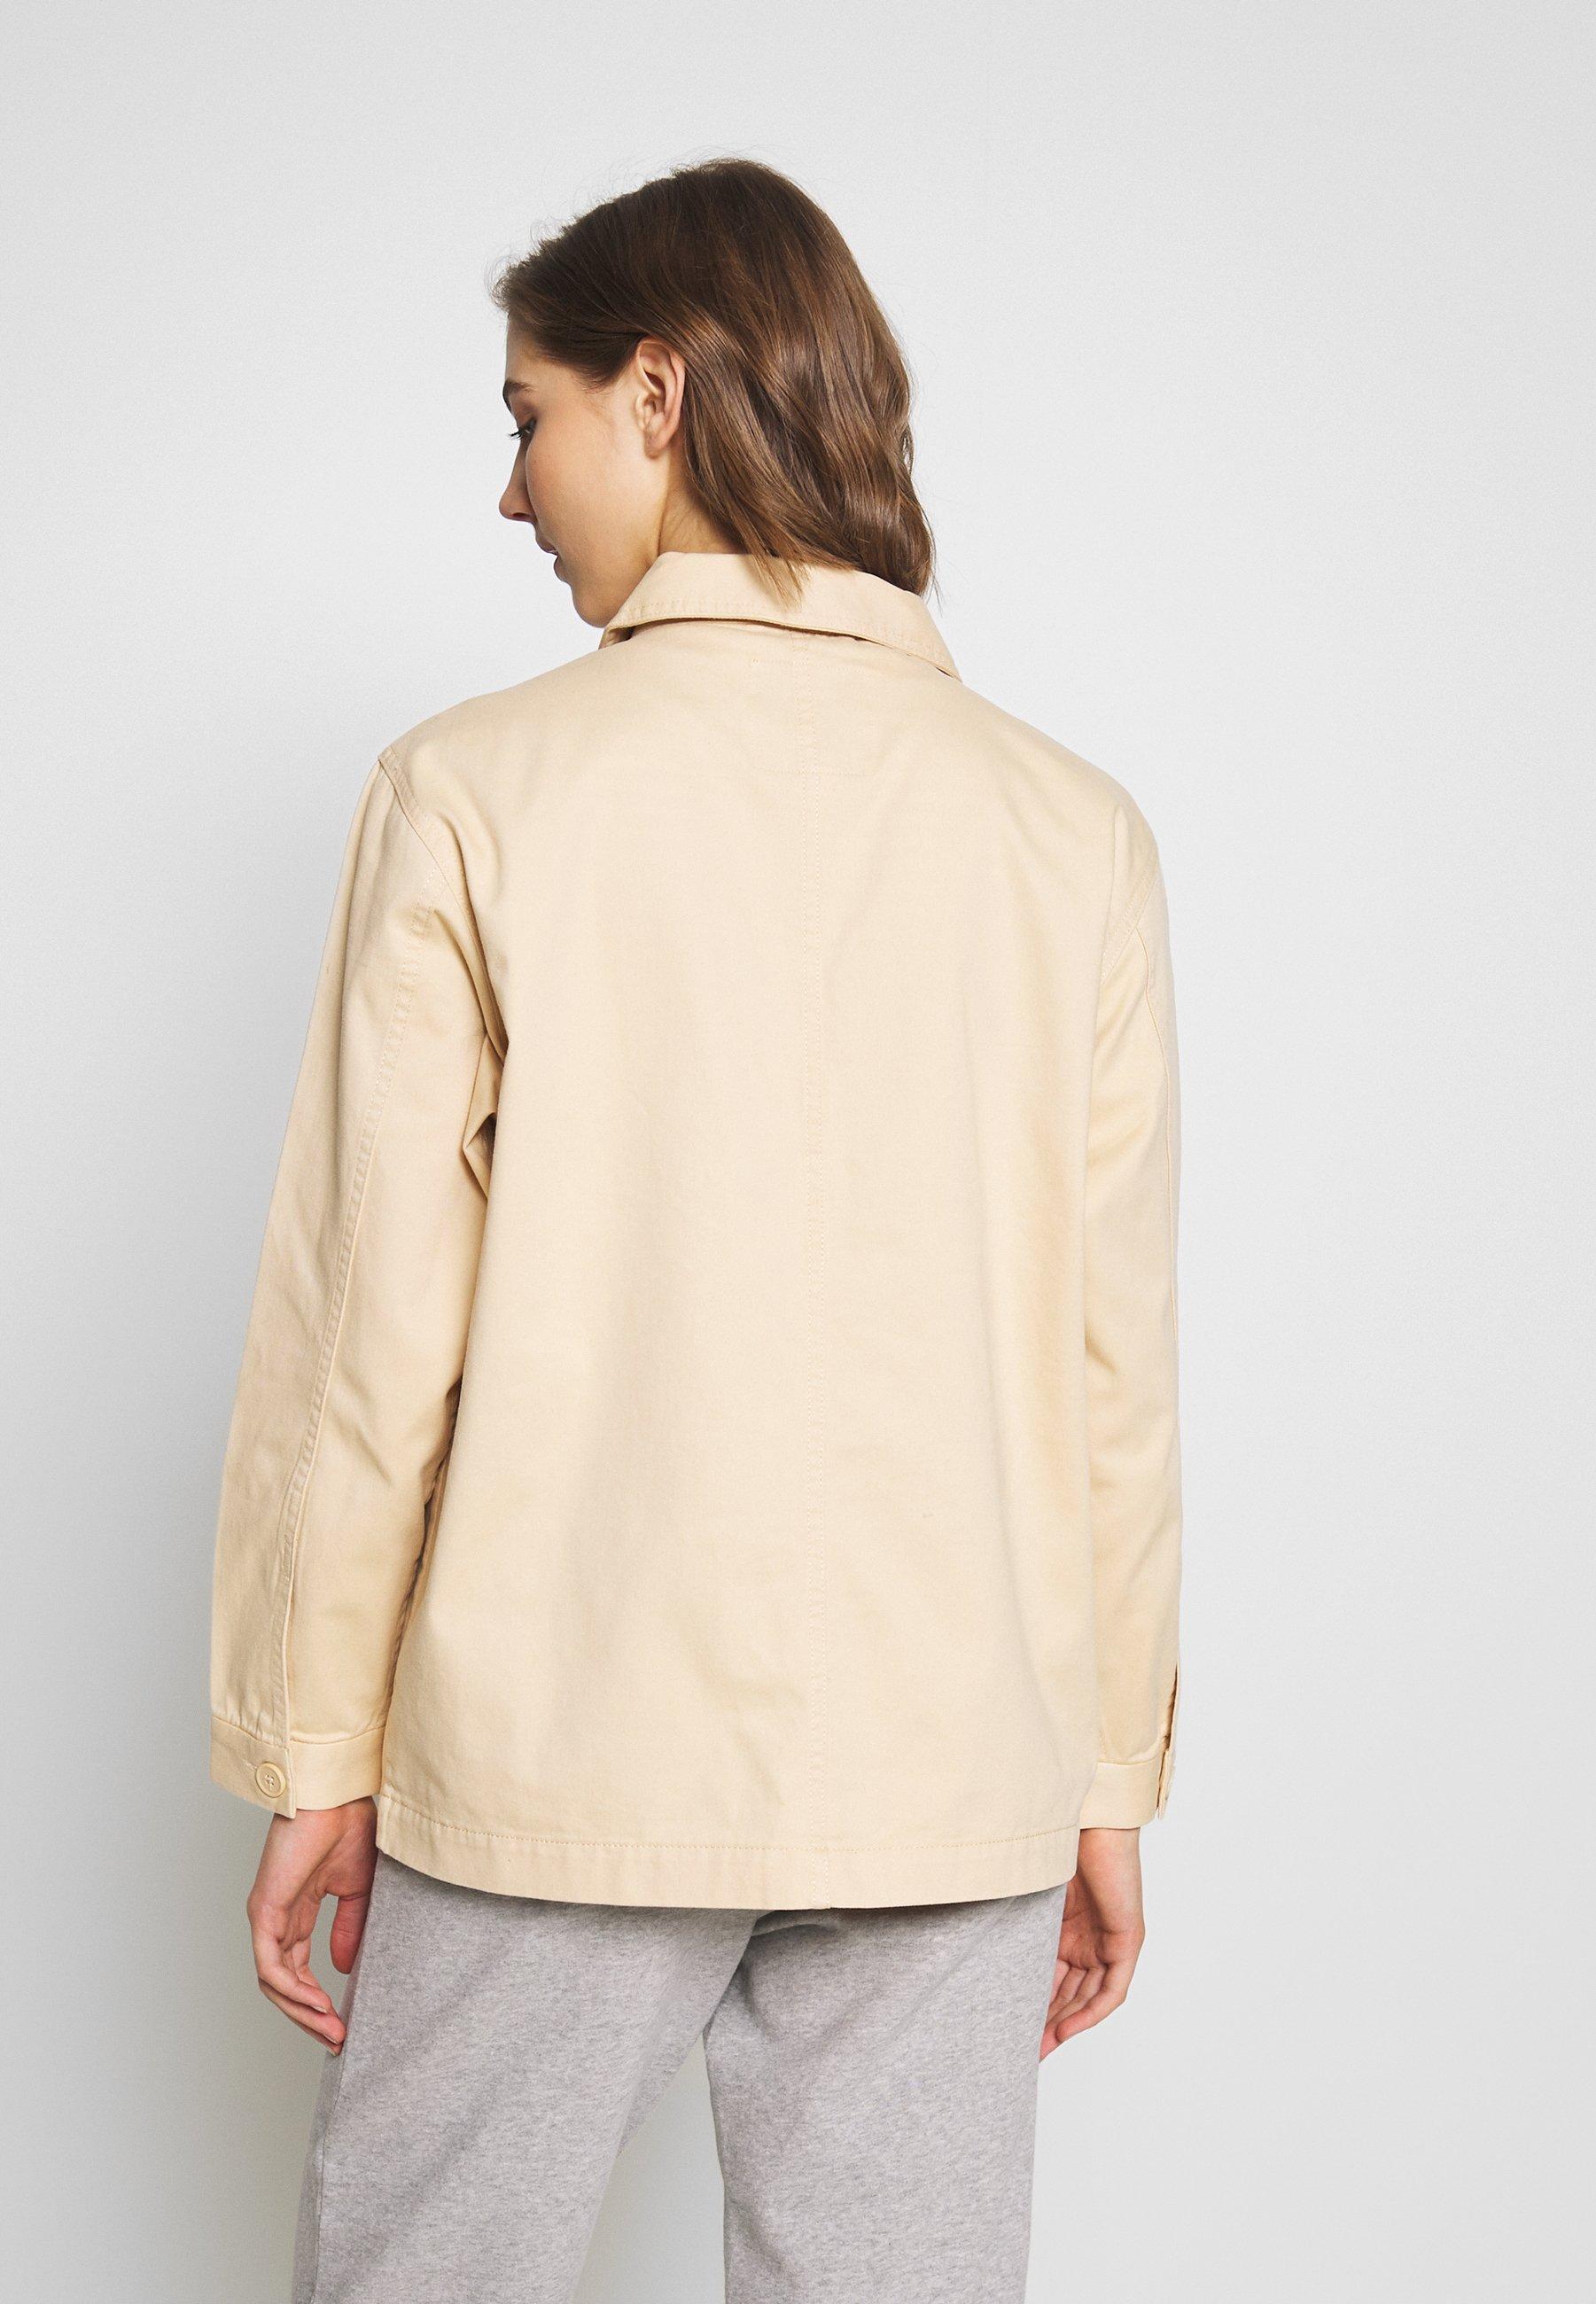 Monki HANNA JACKET - Lett jakke - light beige